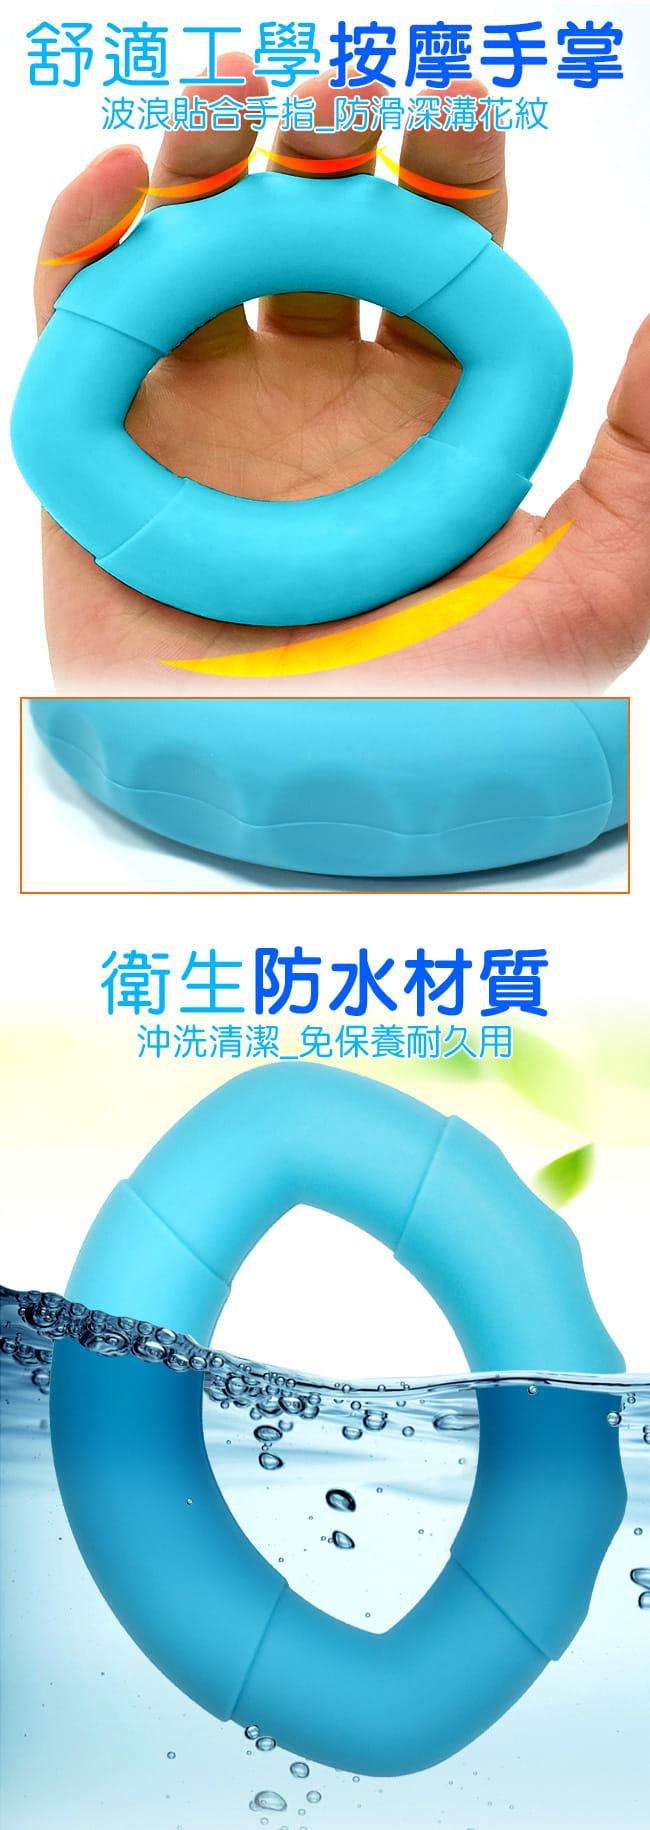 橢圓工學40LB握力圈   矽膠握力器握力環 5